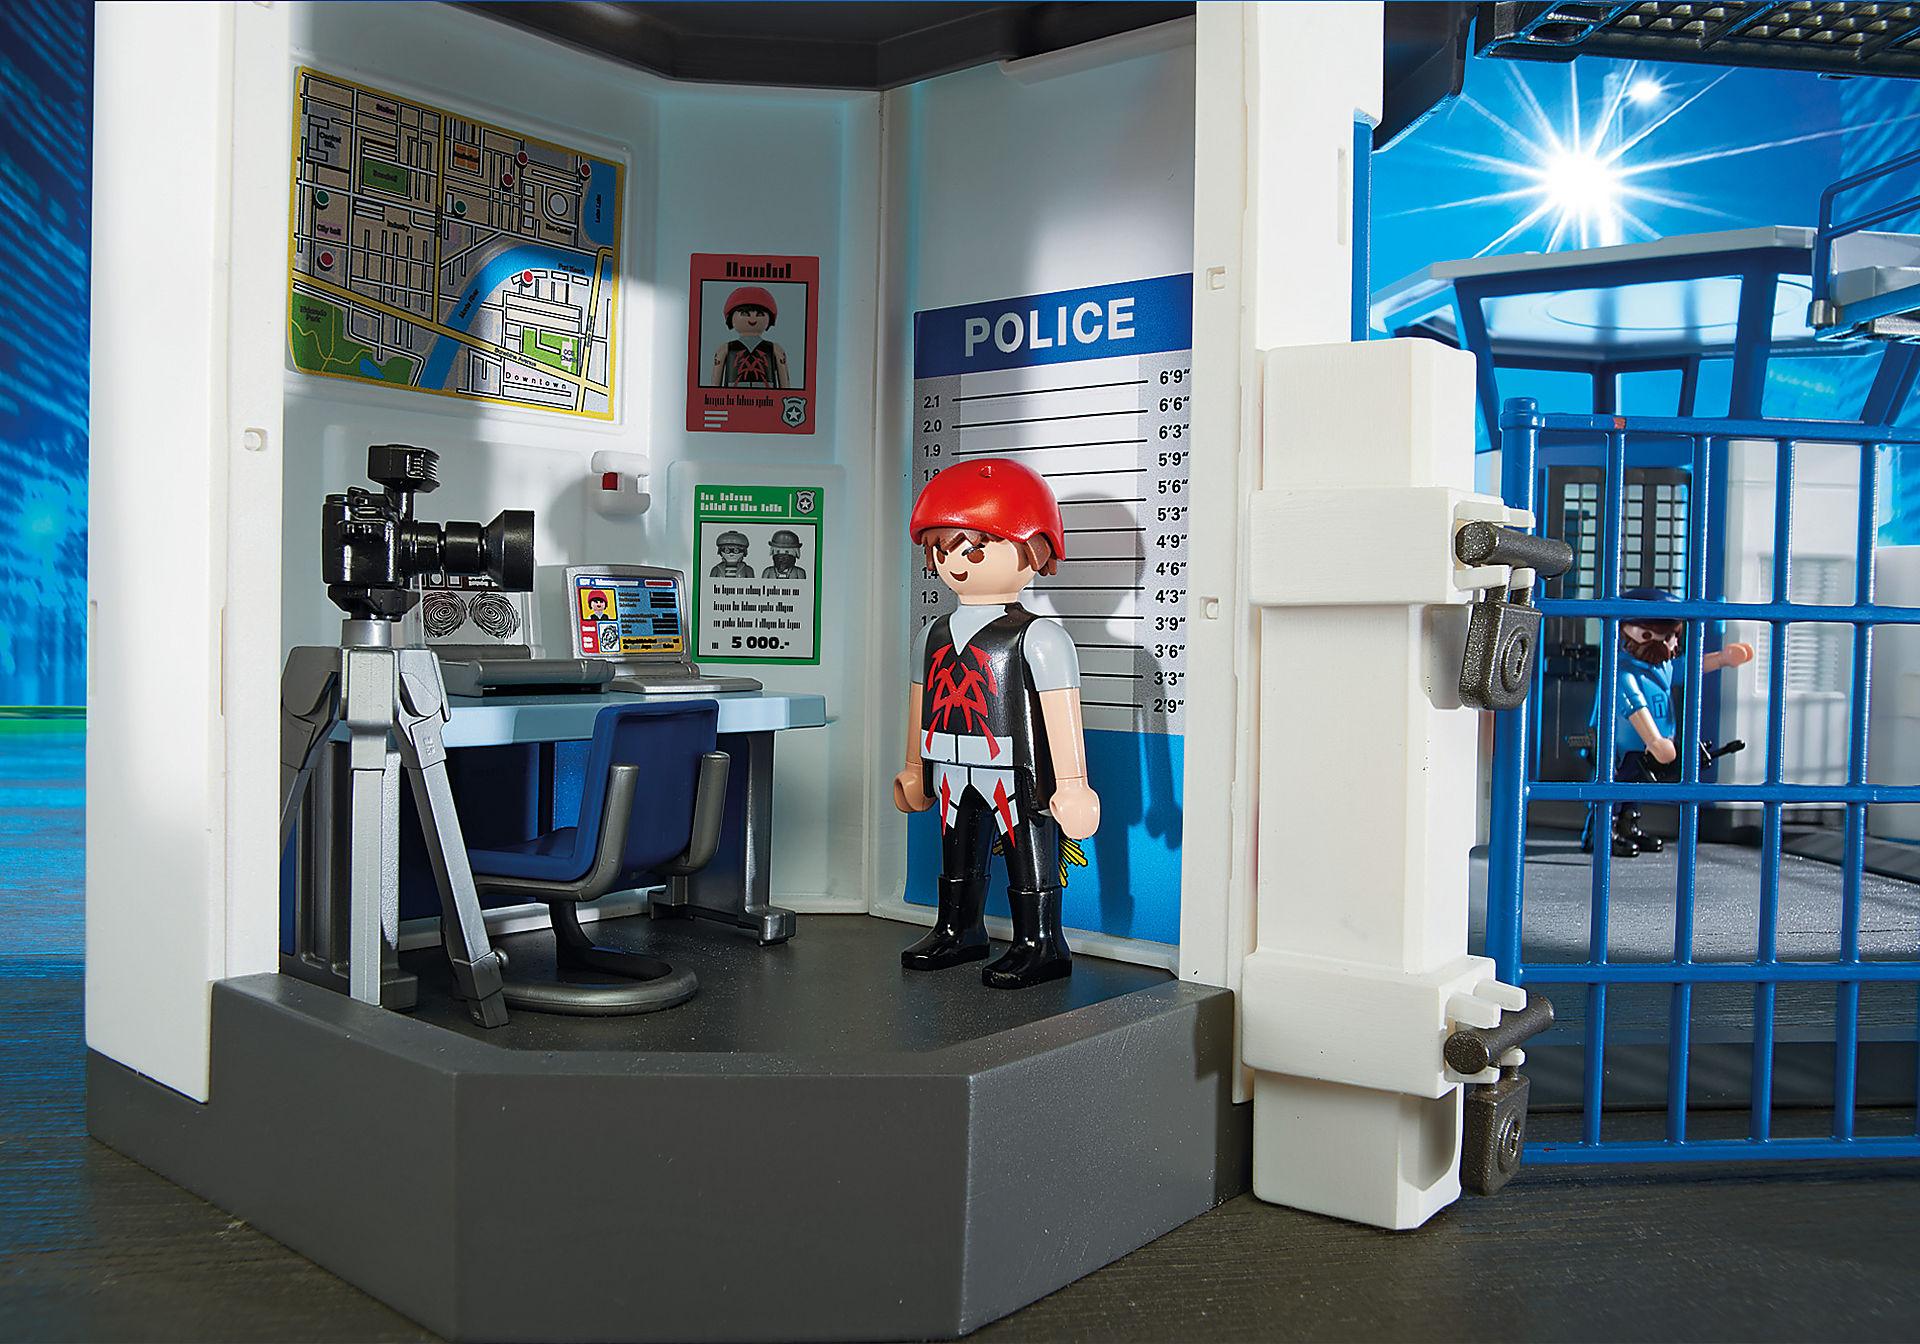 6919 Politiebureau met gevangenis zoom image6